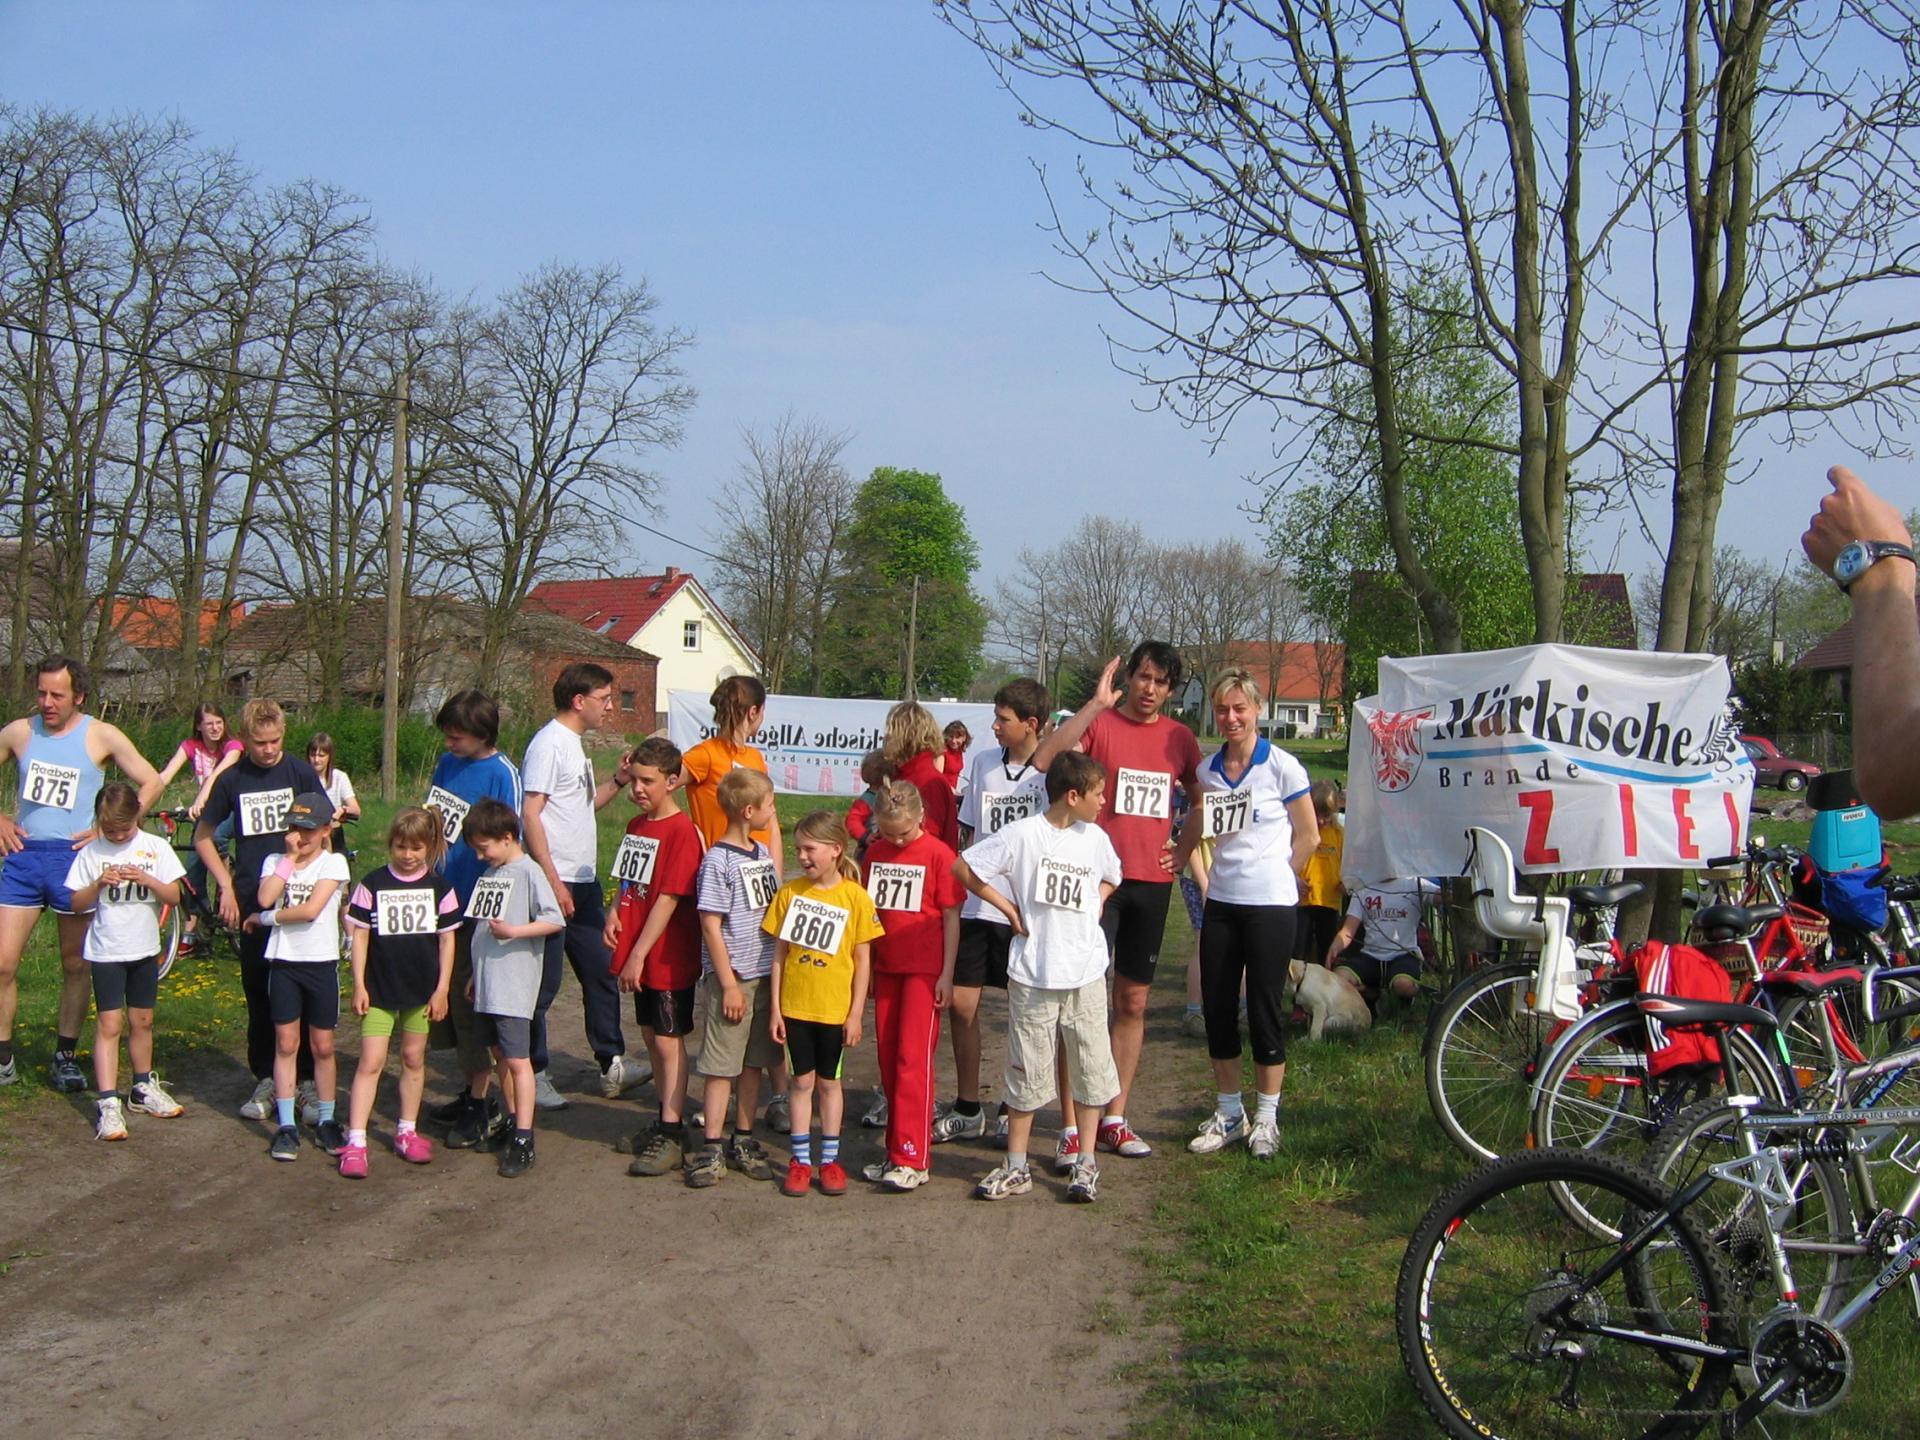 Sportgemeinschaft1